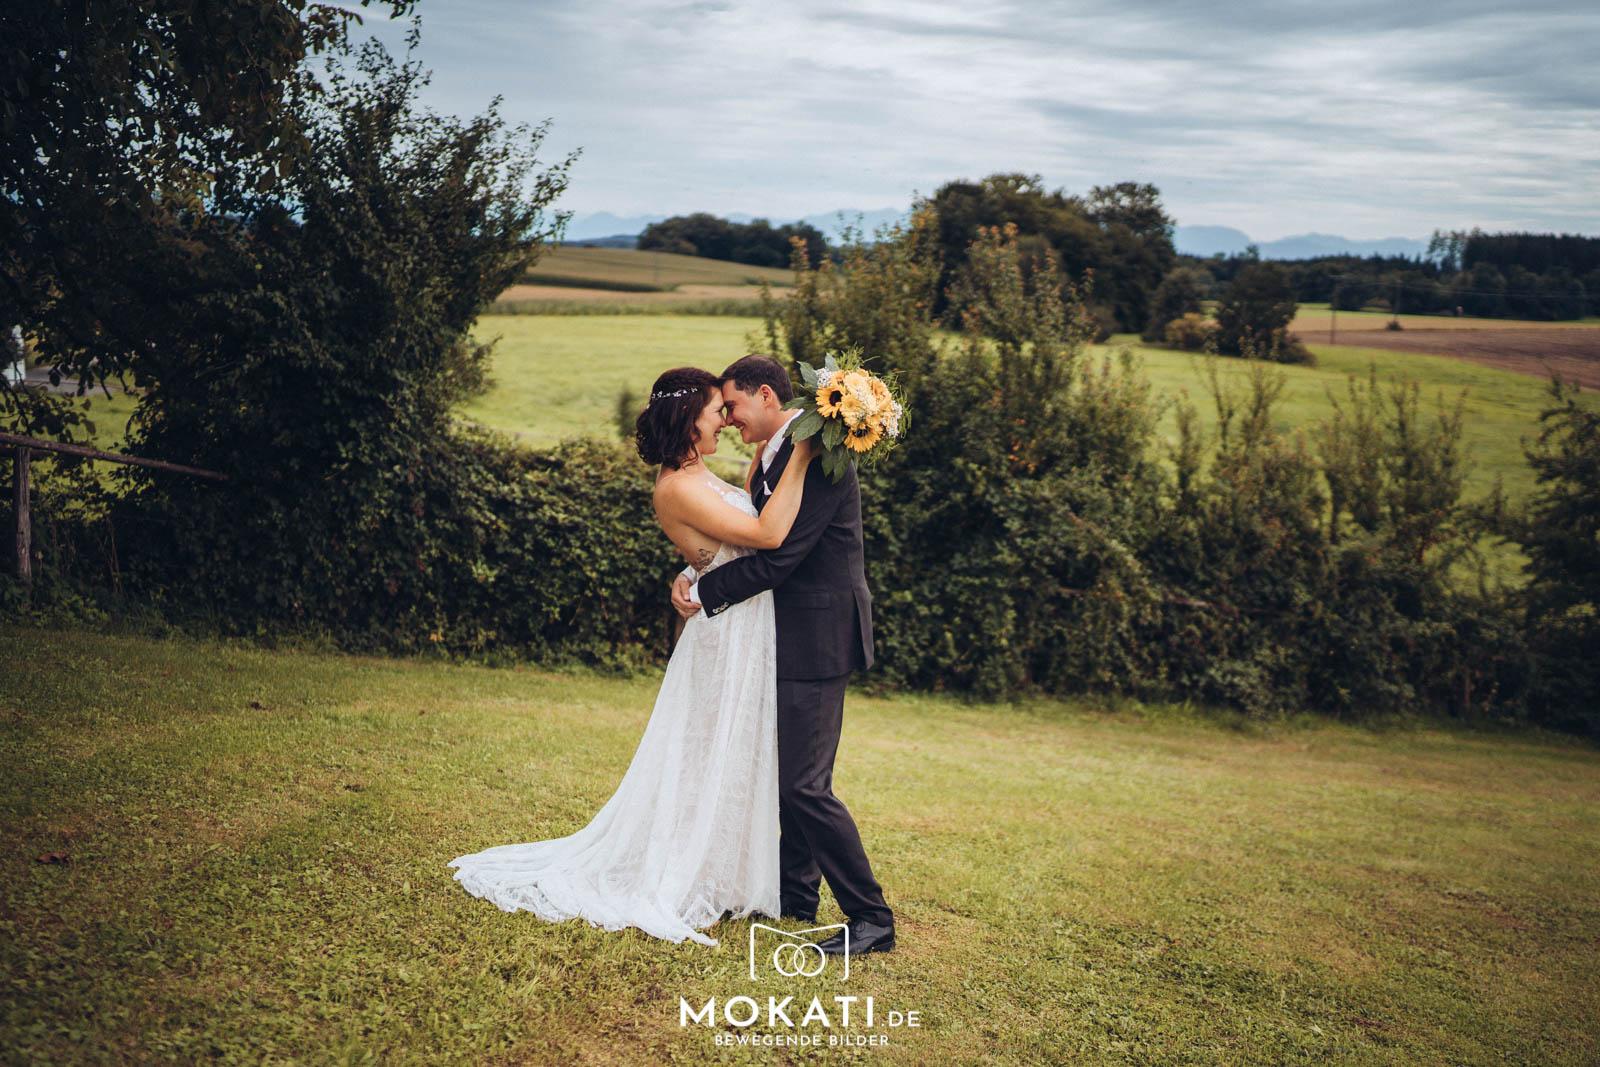 Herbsthochzeit 2019 mit dem Brautpaar in der Hochzeitslocation Landgut Kugler Alm Ebersberg